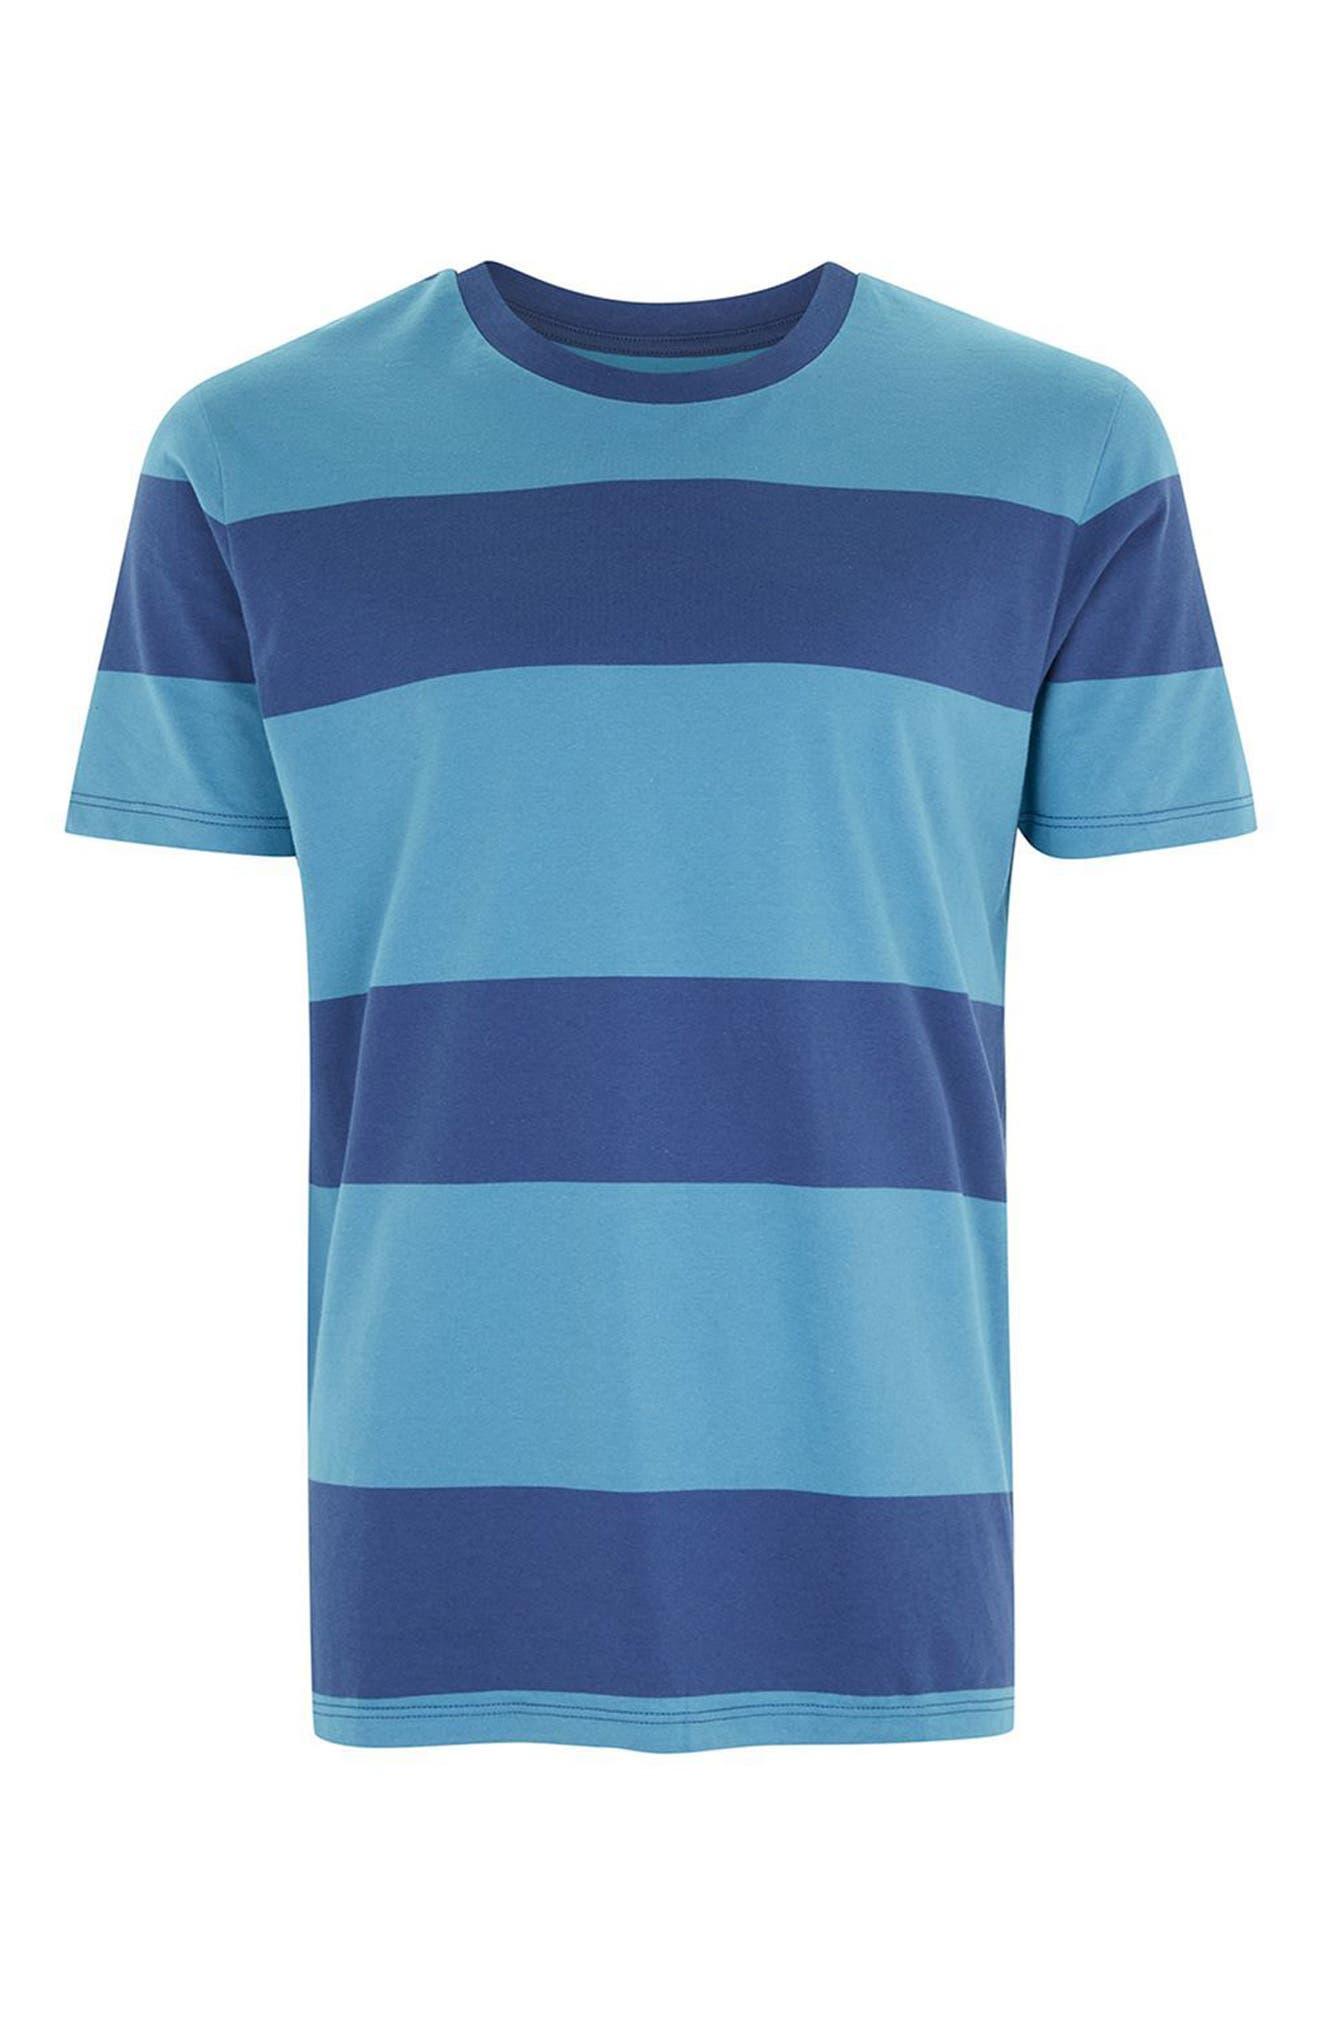 Stripe T-Shirt,                             Alternate thumbnail 4, color,                             401